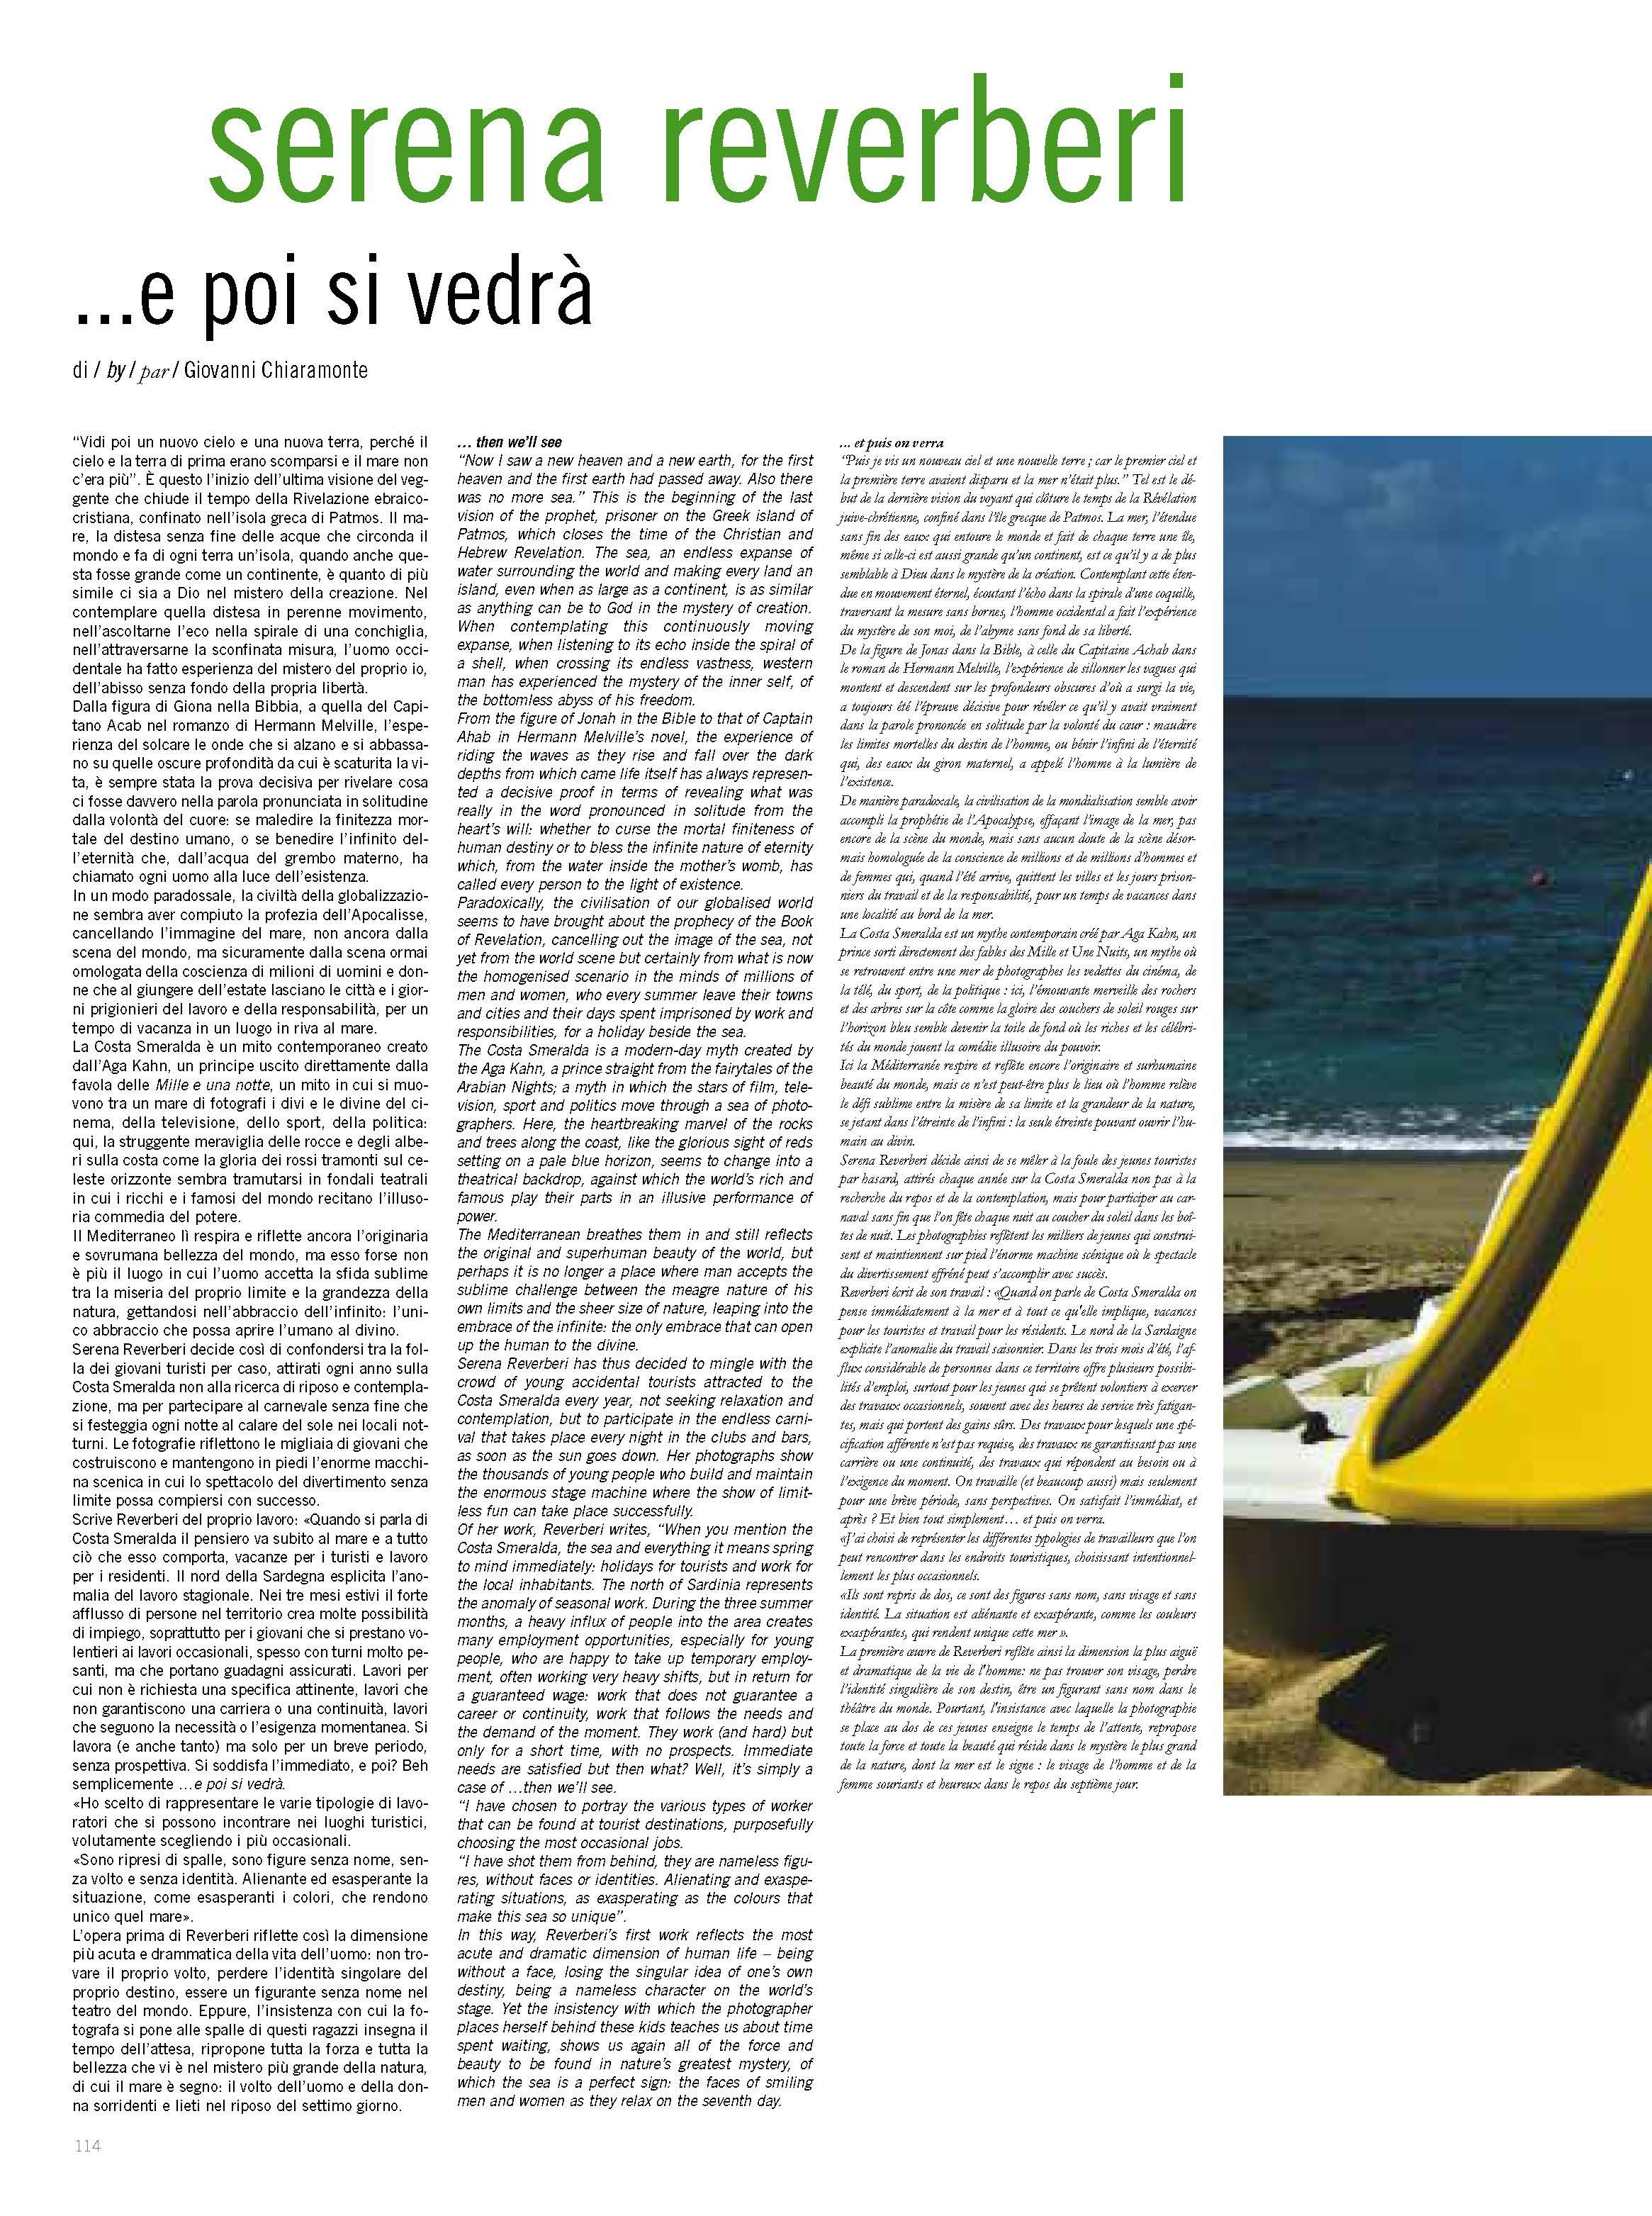 Catalogo_menotrentuno_2_Page_116.jpg